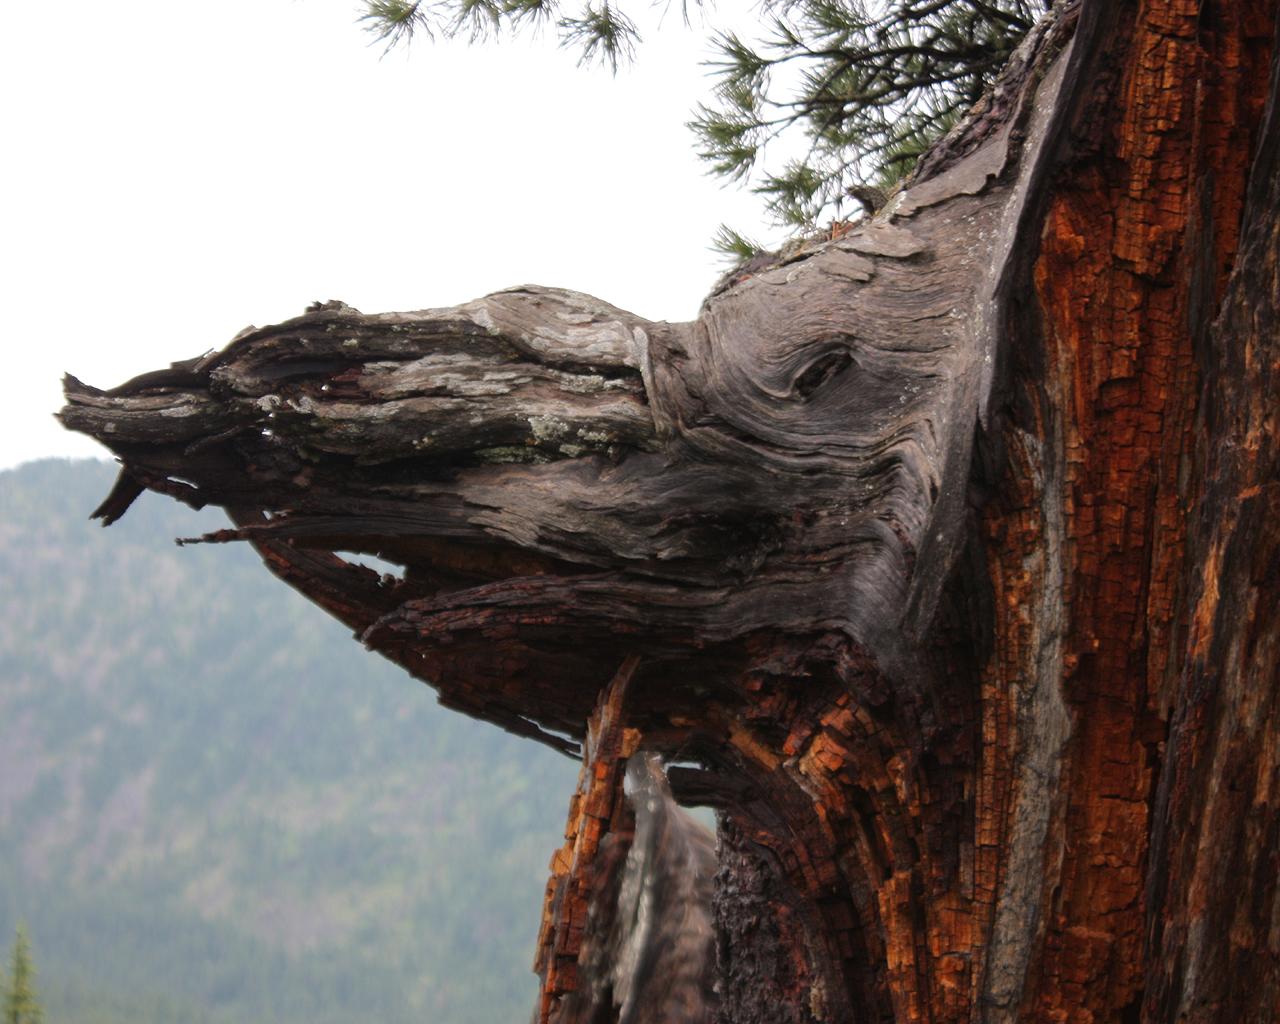 Сучки на дереве 13 фотография